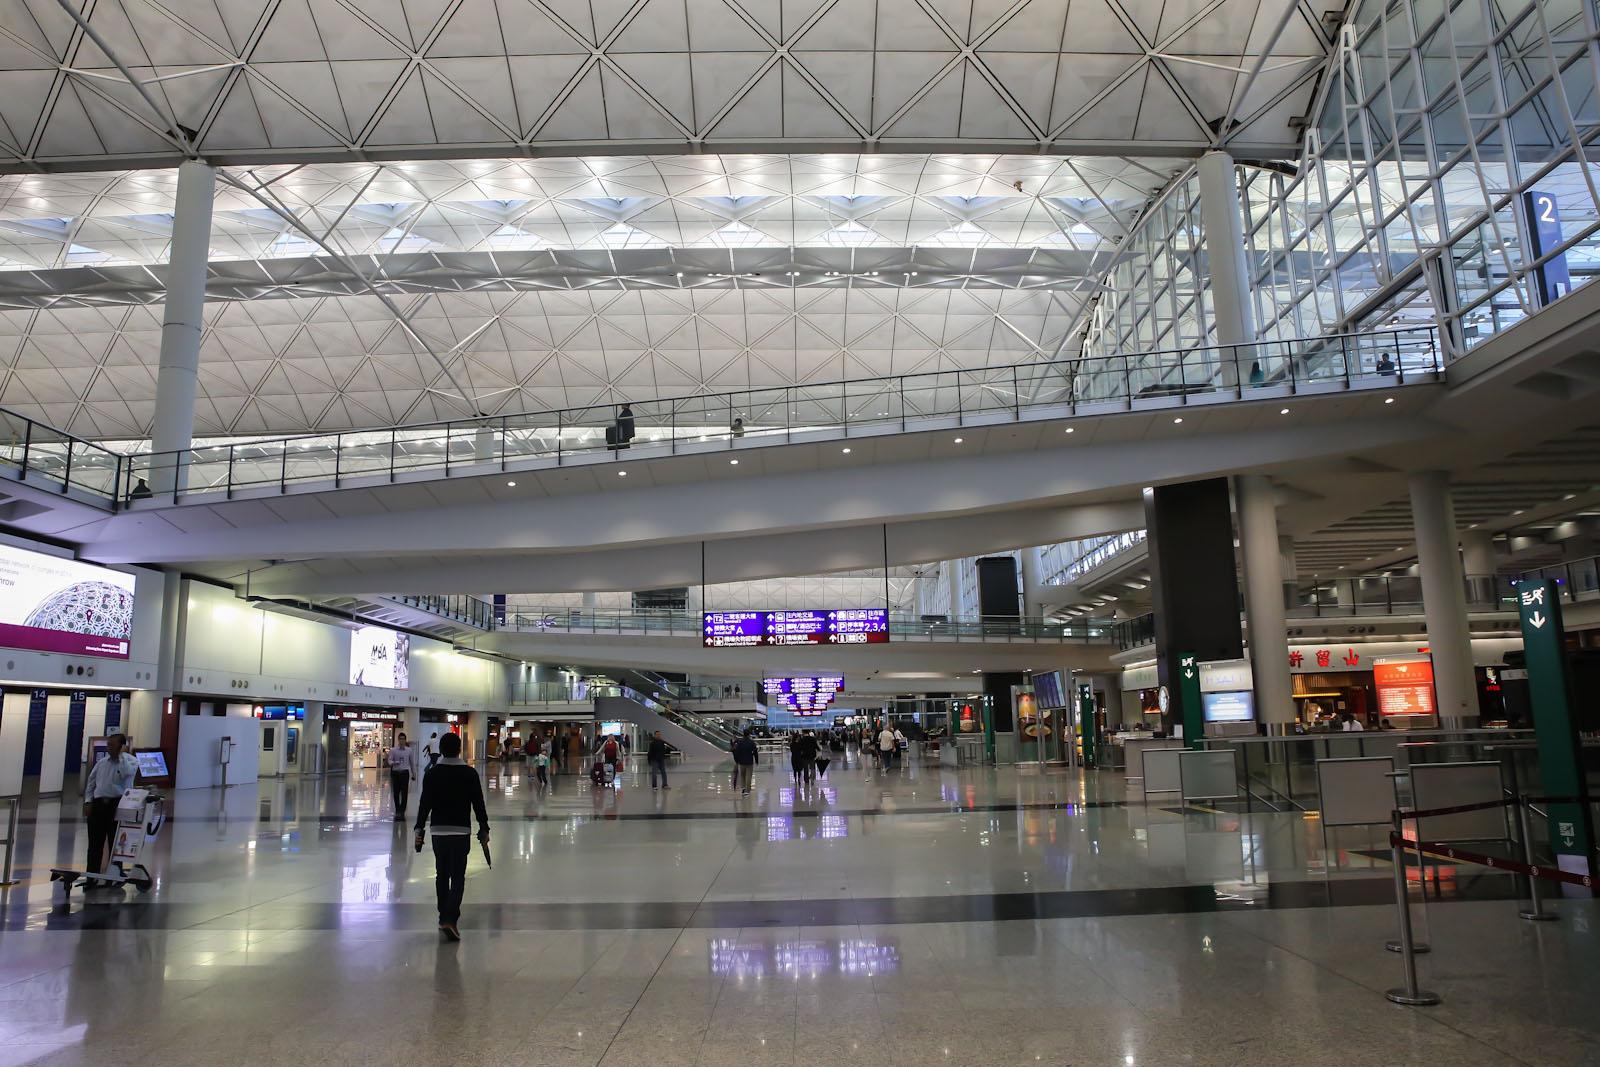 Нижний этаж прилета в терминале 1 аэропорта Гонконга